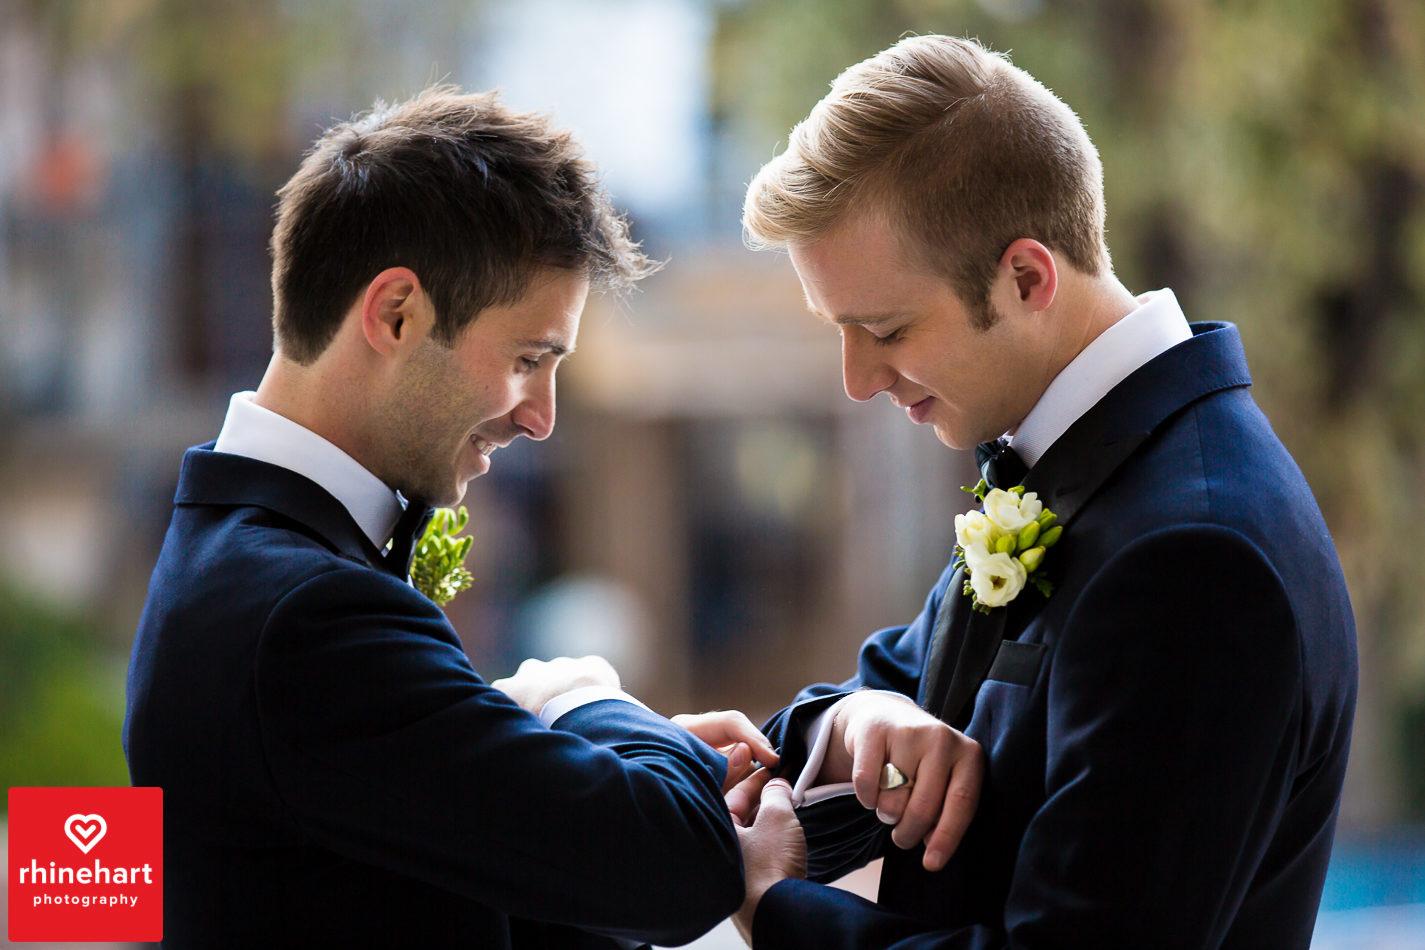 carnegie-institution-of-washington-dc-wedding-photographer-22